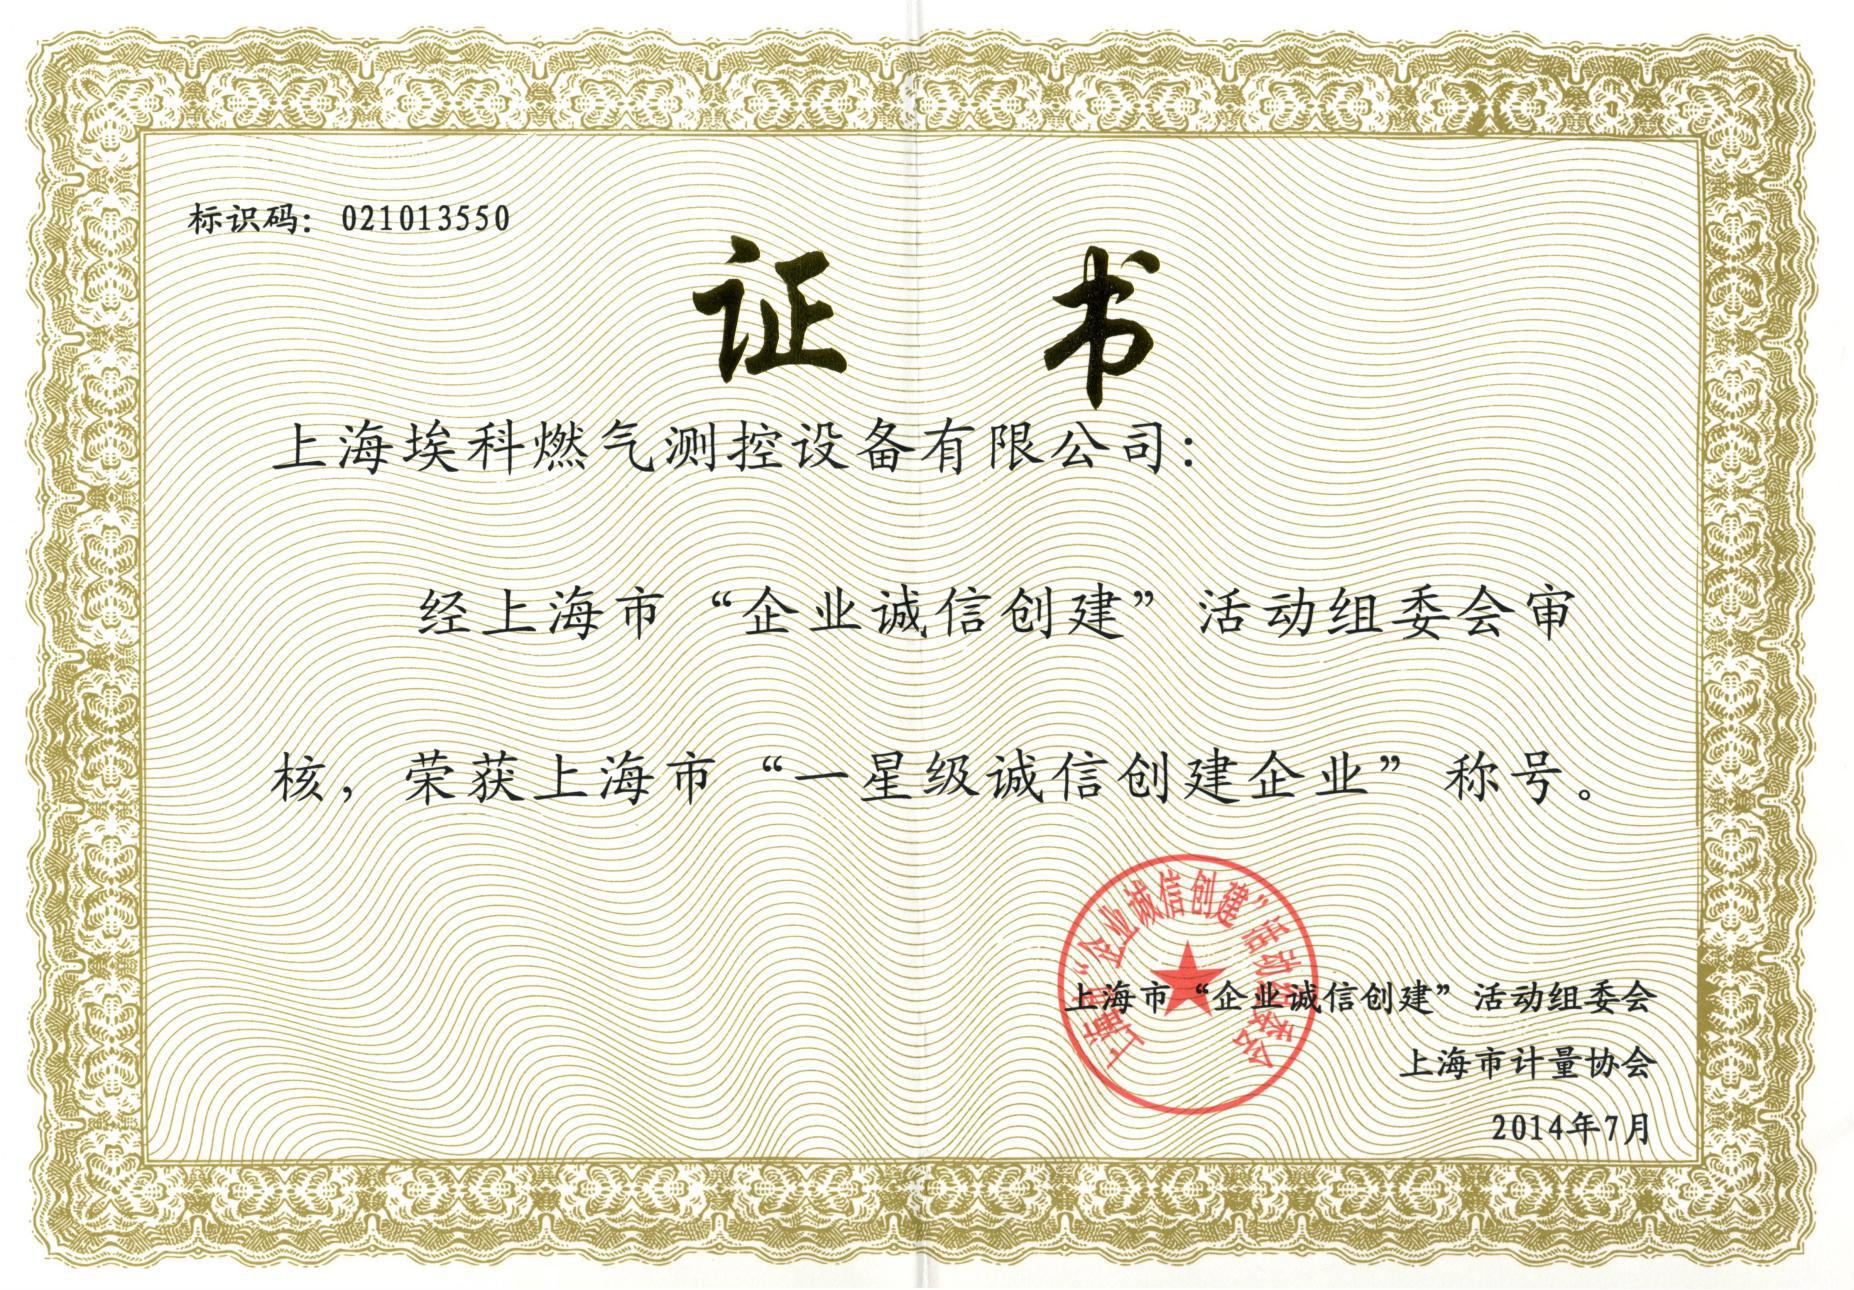 上海市一星级诚信创建企业